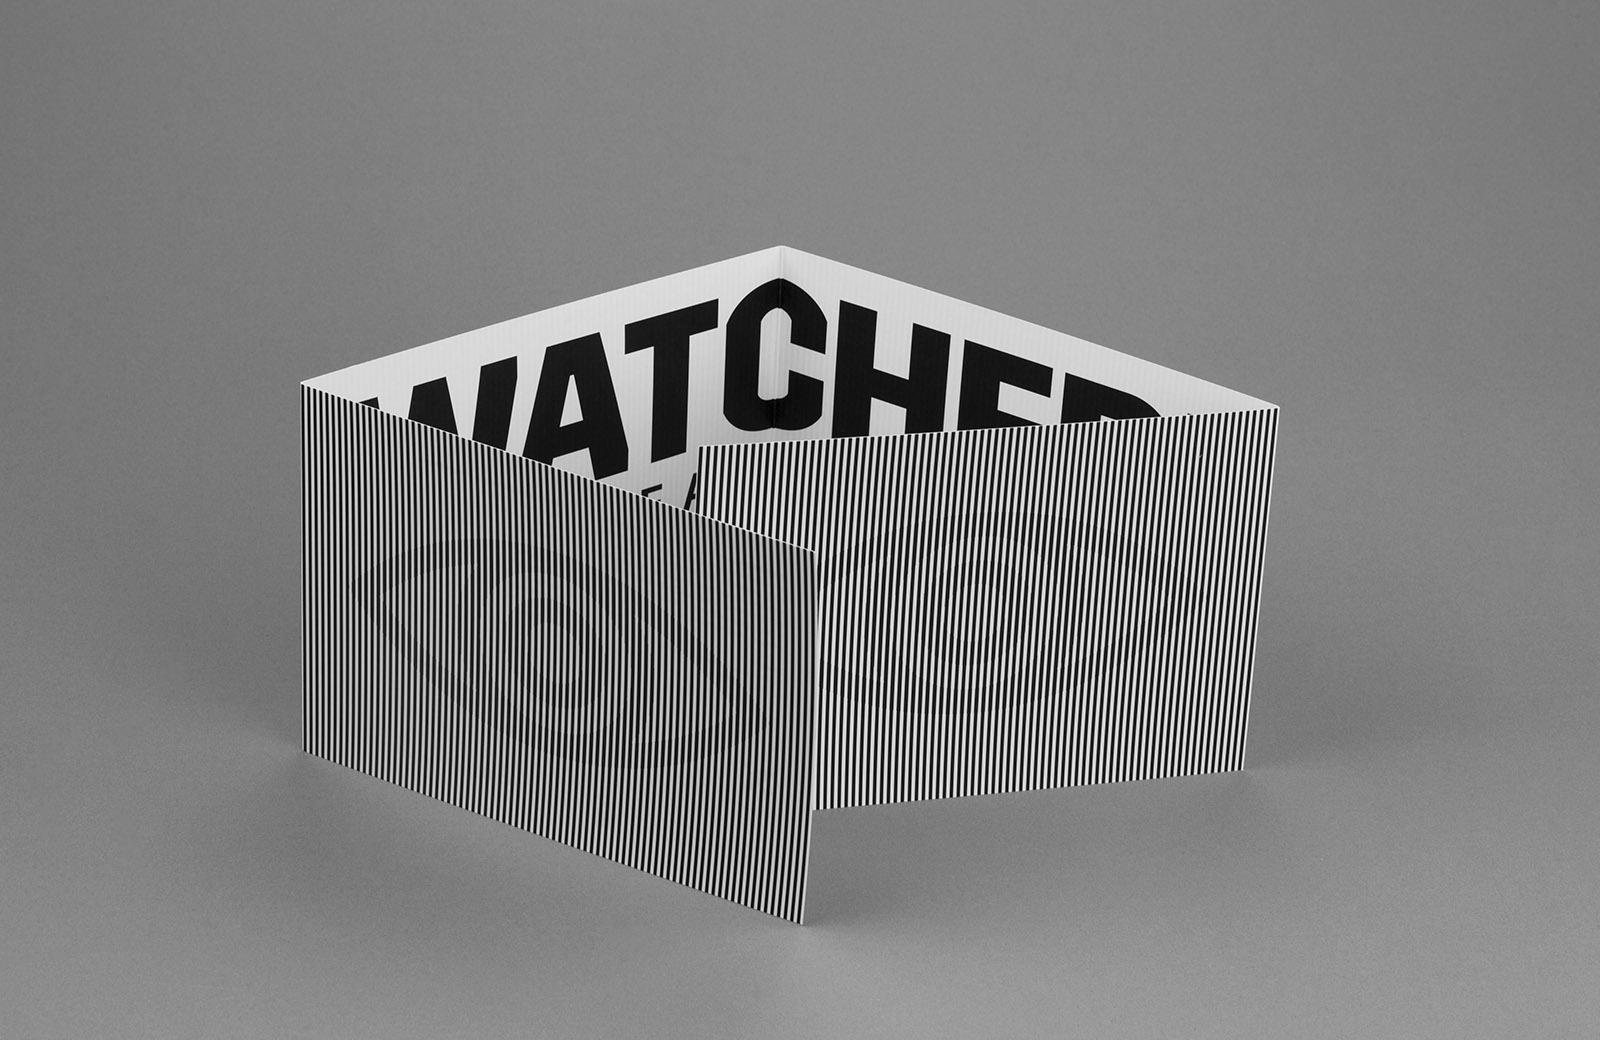 Печатные материалы к выставке Watched! Surveillance Art and Photography,Гётеборгский художественный музей, Швеция